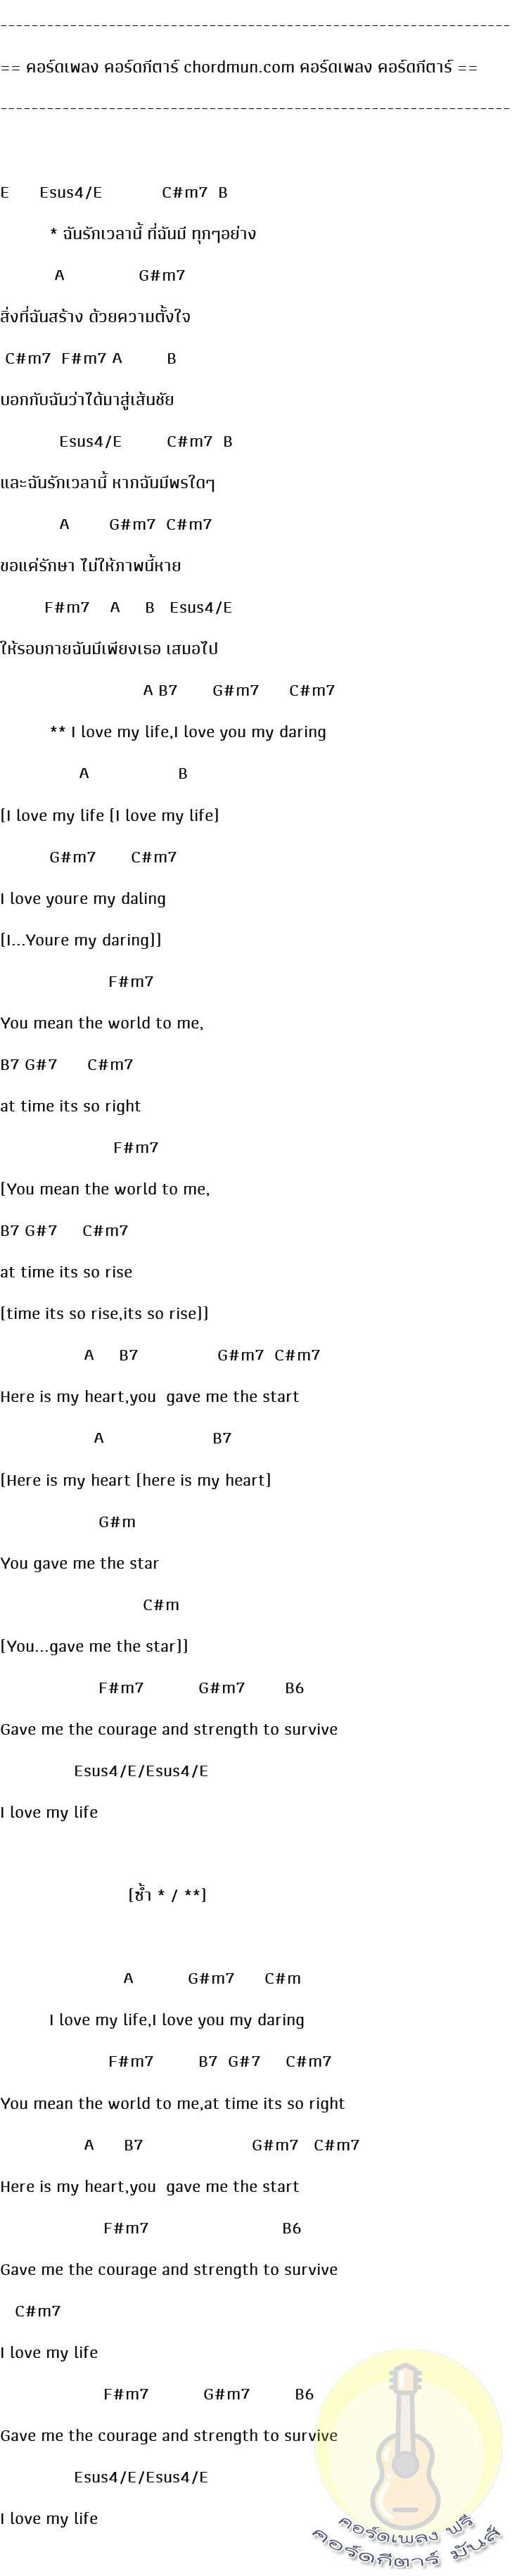 คอร์ดกีตาร์ ง่าย  เพลง ฉันรักเวลานี้